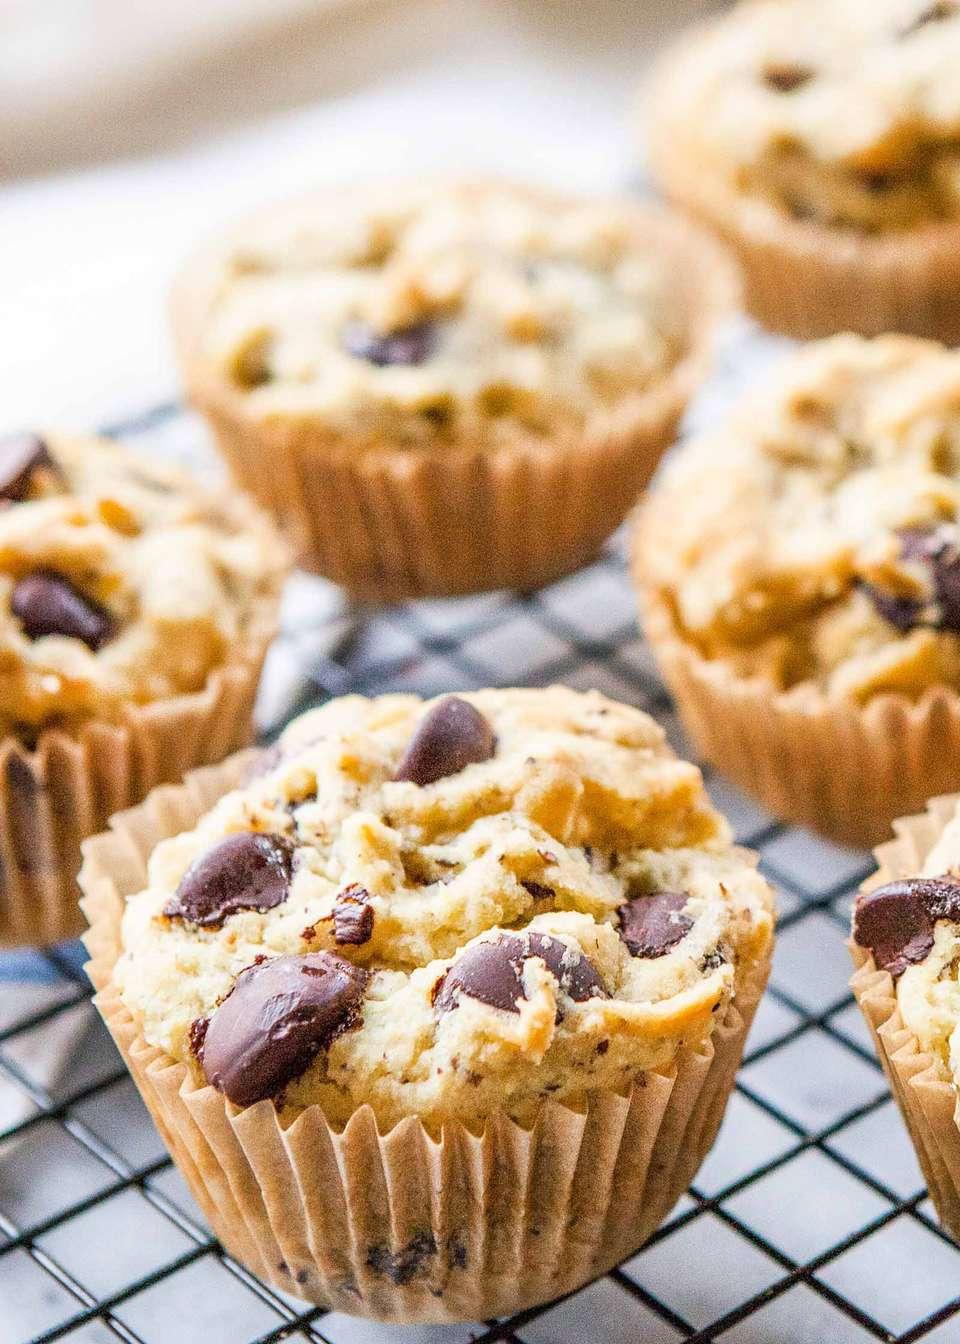 Chocolate Chip Muffins Gluten-Free